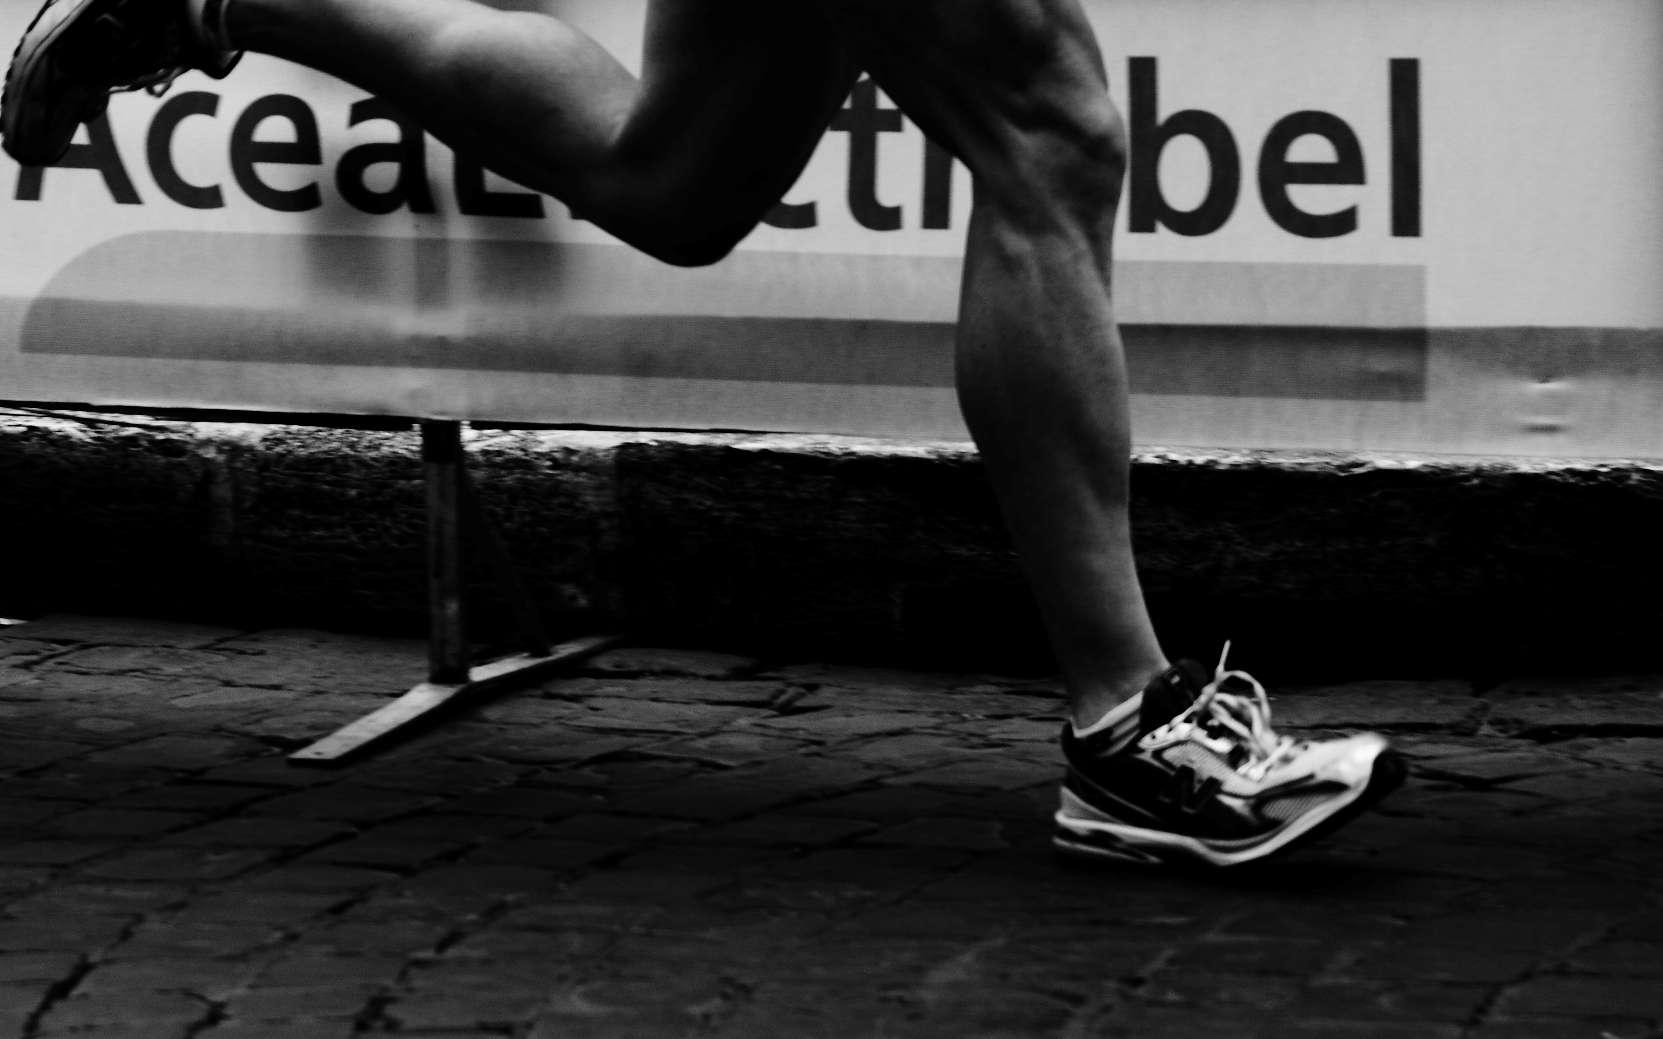 Le buzz du mois : l'activité physique change la régulation des gènes du tissu adipeux. Pratiquer une activité physique régulière, comme la marche ou la course à pied, pourrait protéger du diabète et de l'obésité en régulant des gènes retrouvés dans le tissu adipeux. © Giulio Menna, Fotopedia, cc by nd 2.0